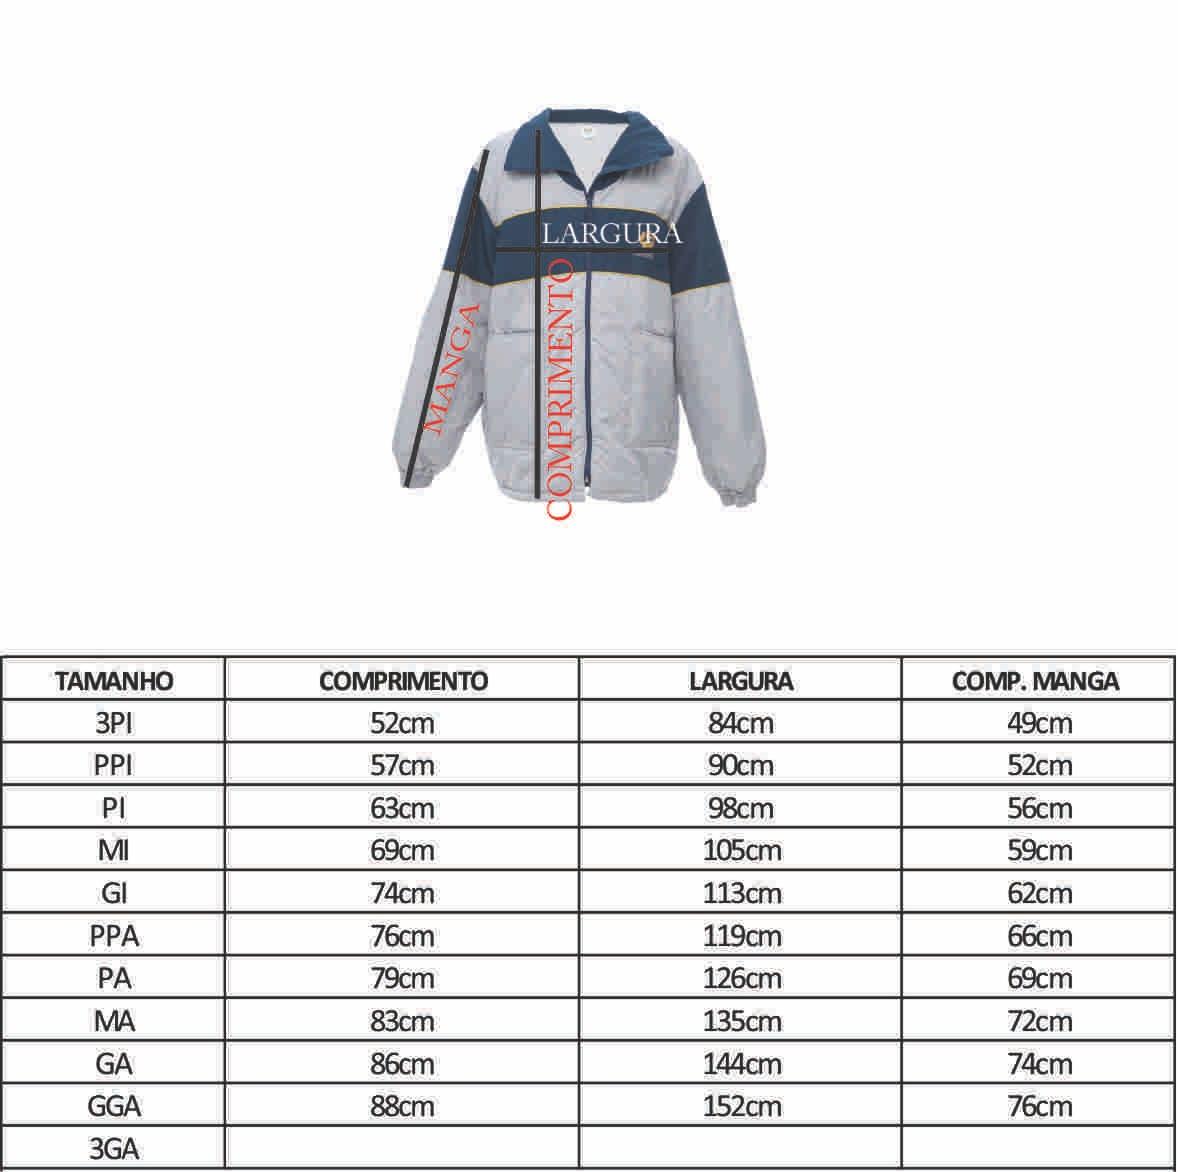 Blusão de Nylon - PPI ( 4 )